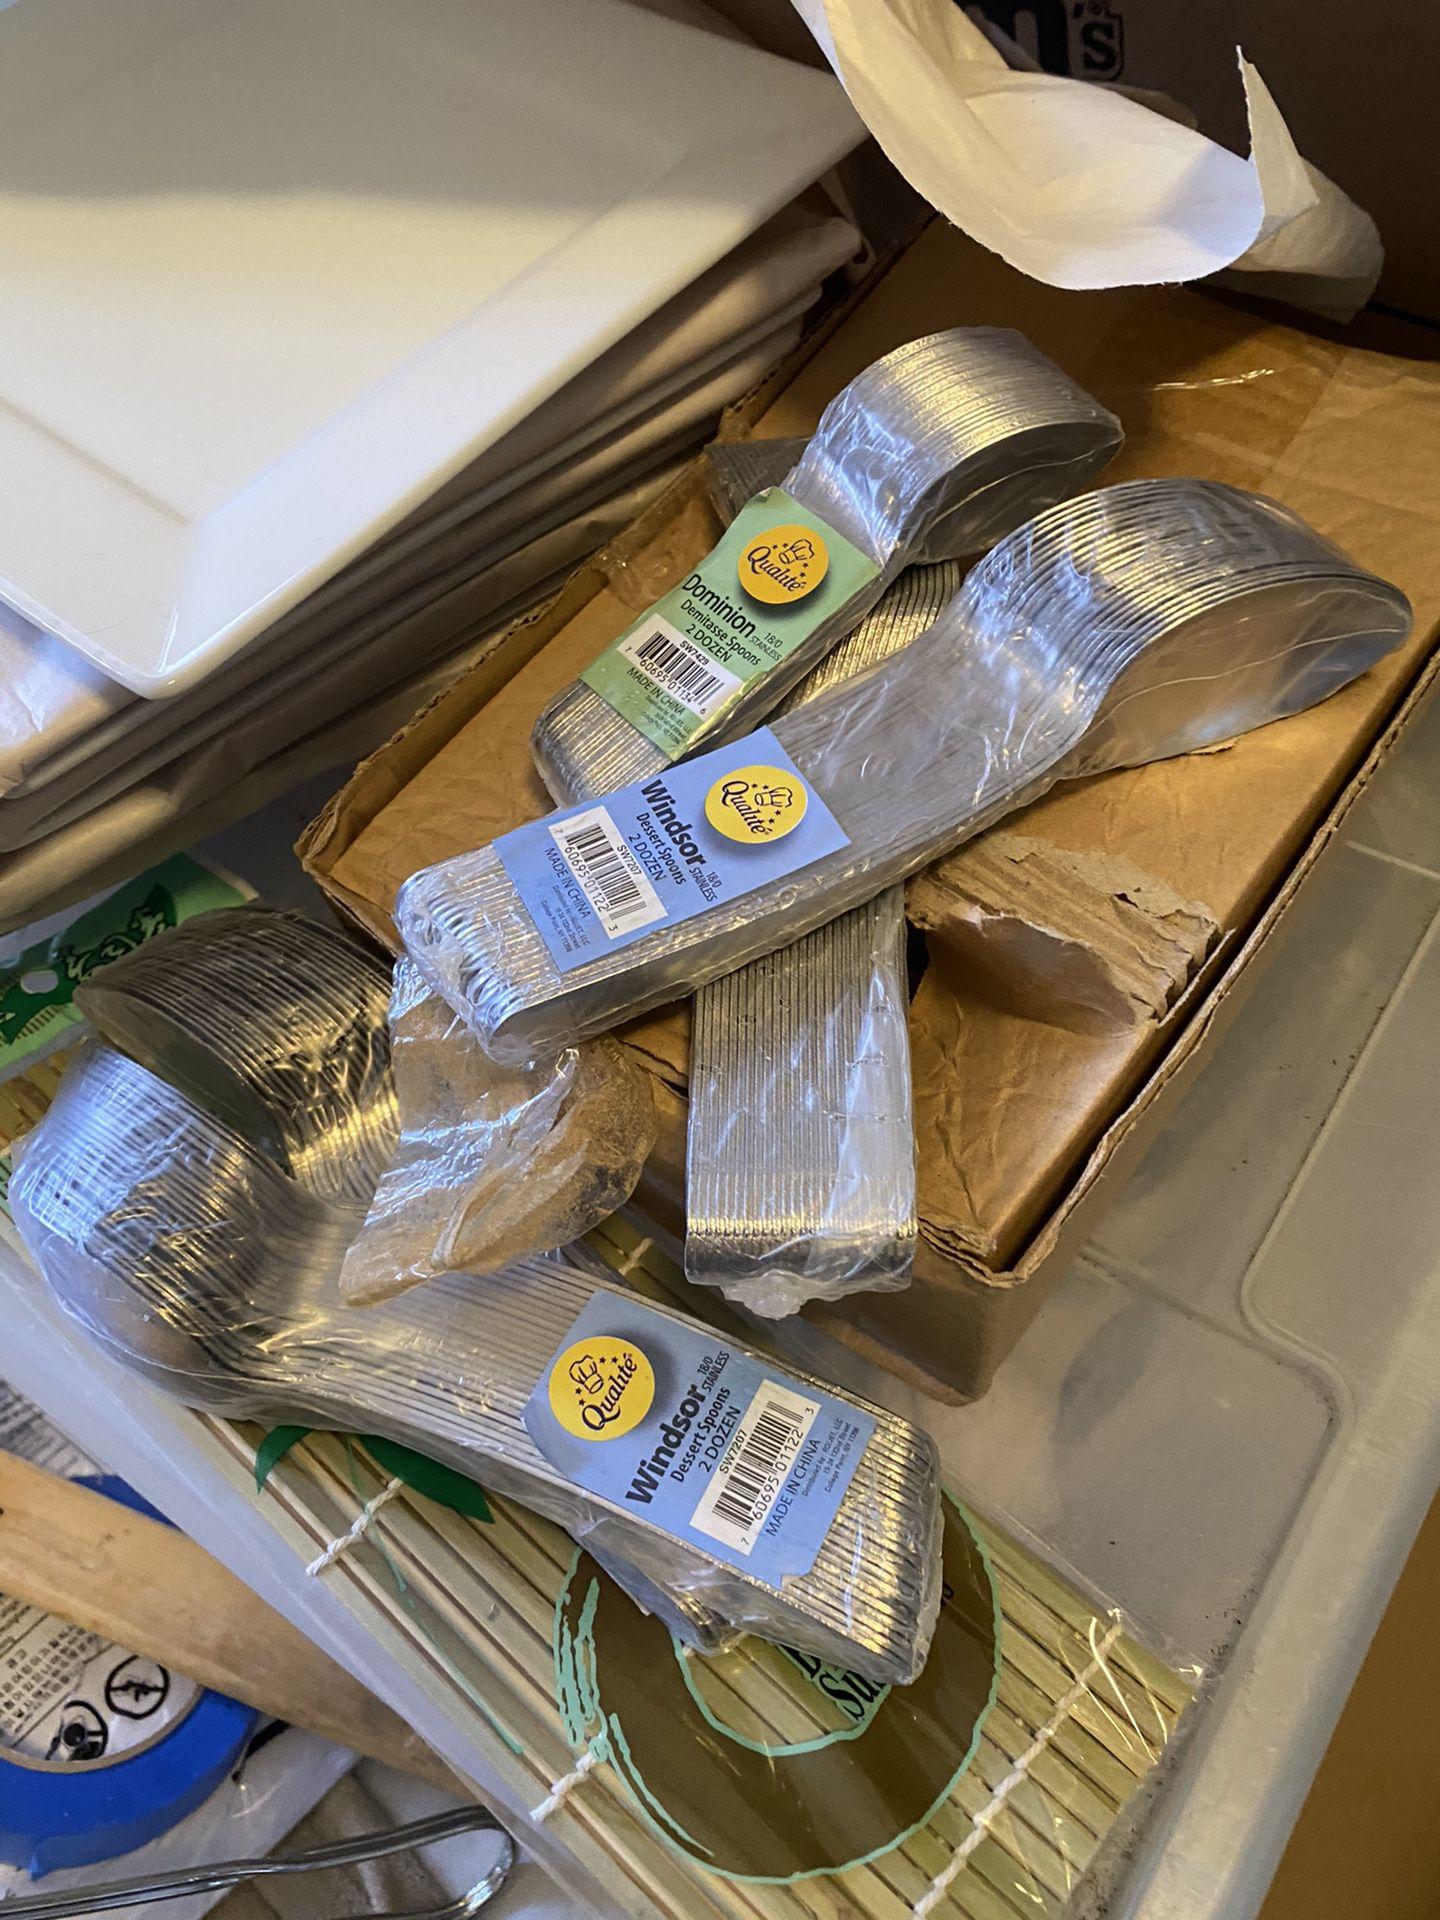 Sauce bottles and restaurant equipment